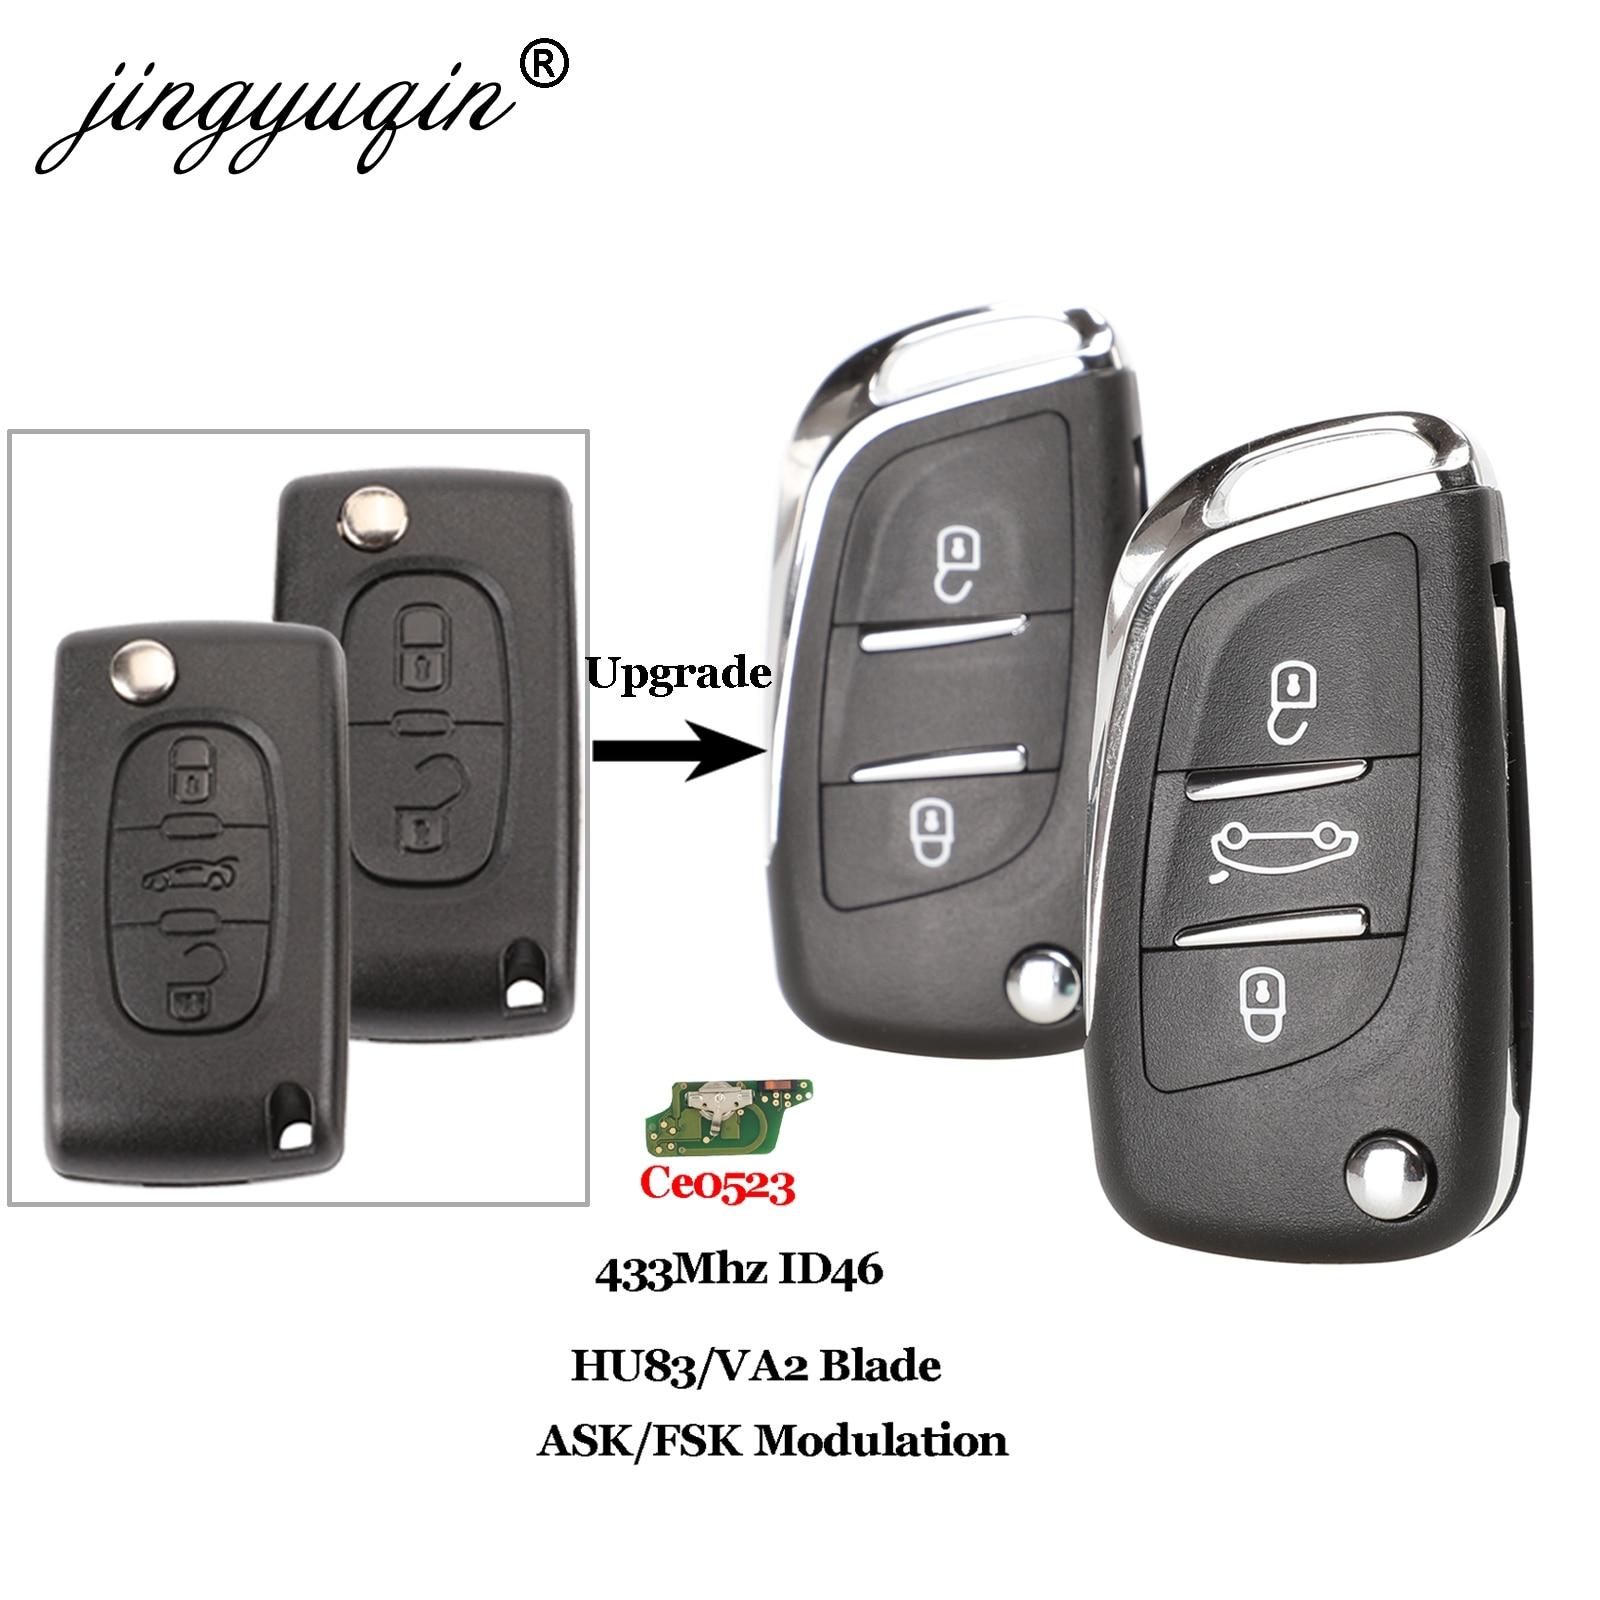 Jingyuqin Ce0523 ASK/FSK 2/3 кнопочный дистанционный Автомобильный ключ для Citroen C2 C3 C4 C5 433Mhz ID46 модифицированный Раскладной Автомобильный ключ управлен...